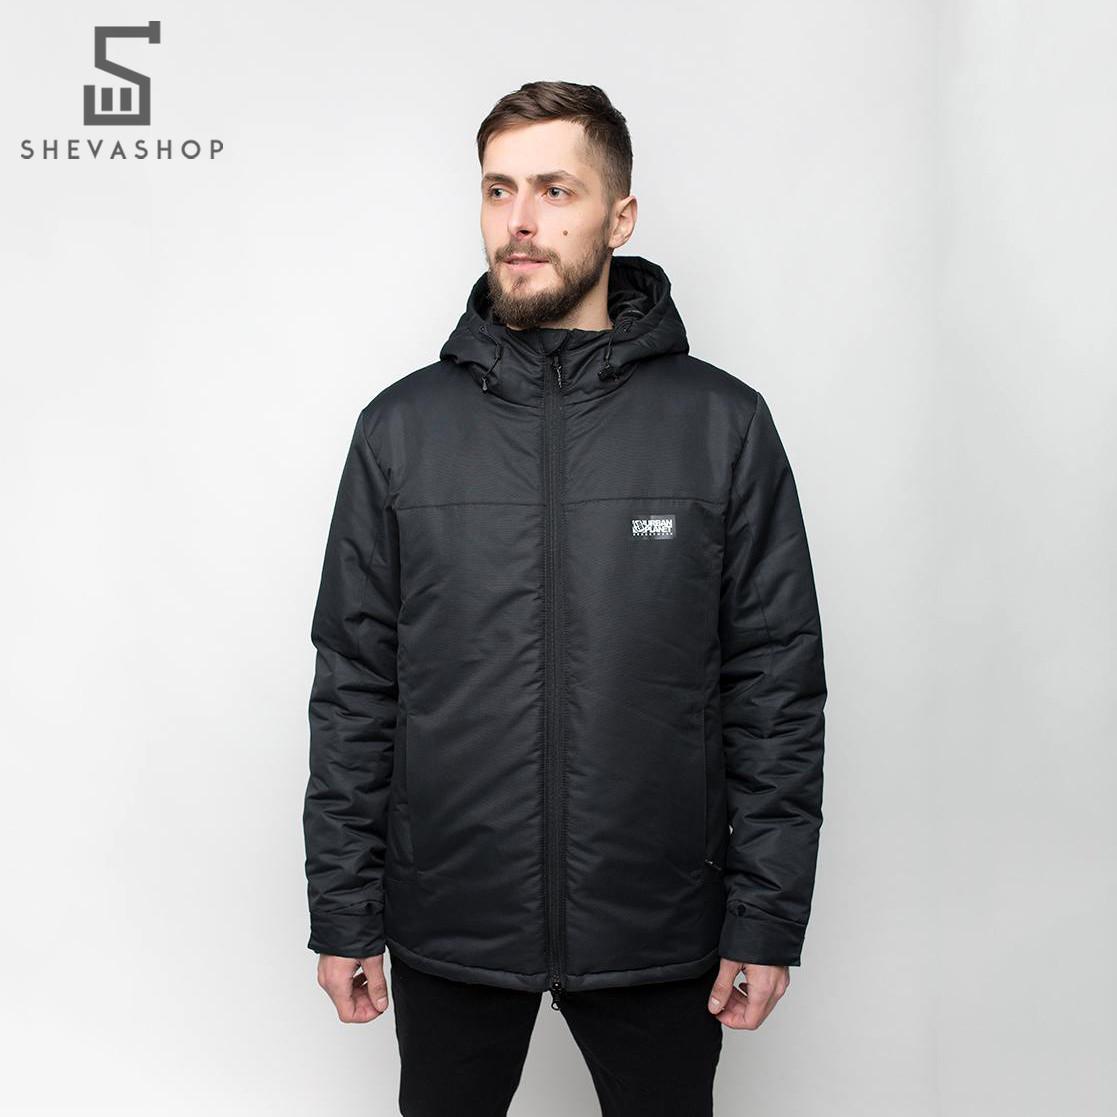 b6bfee28138 Зимняя мужская куртка UP A4 черная - купить по лучшей цене в ...